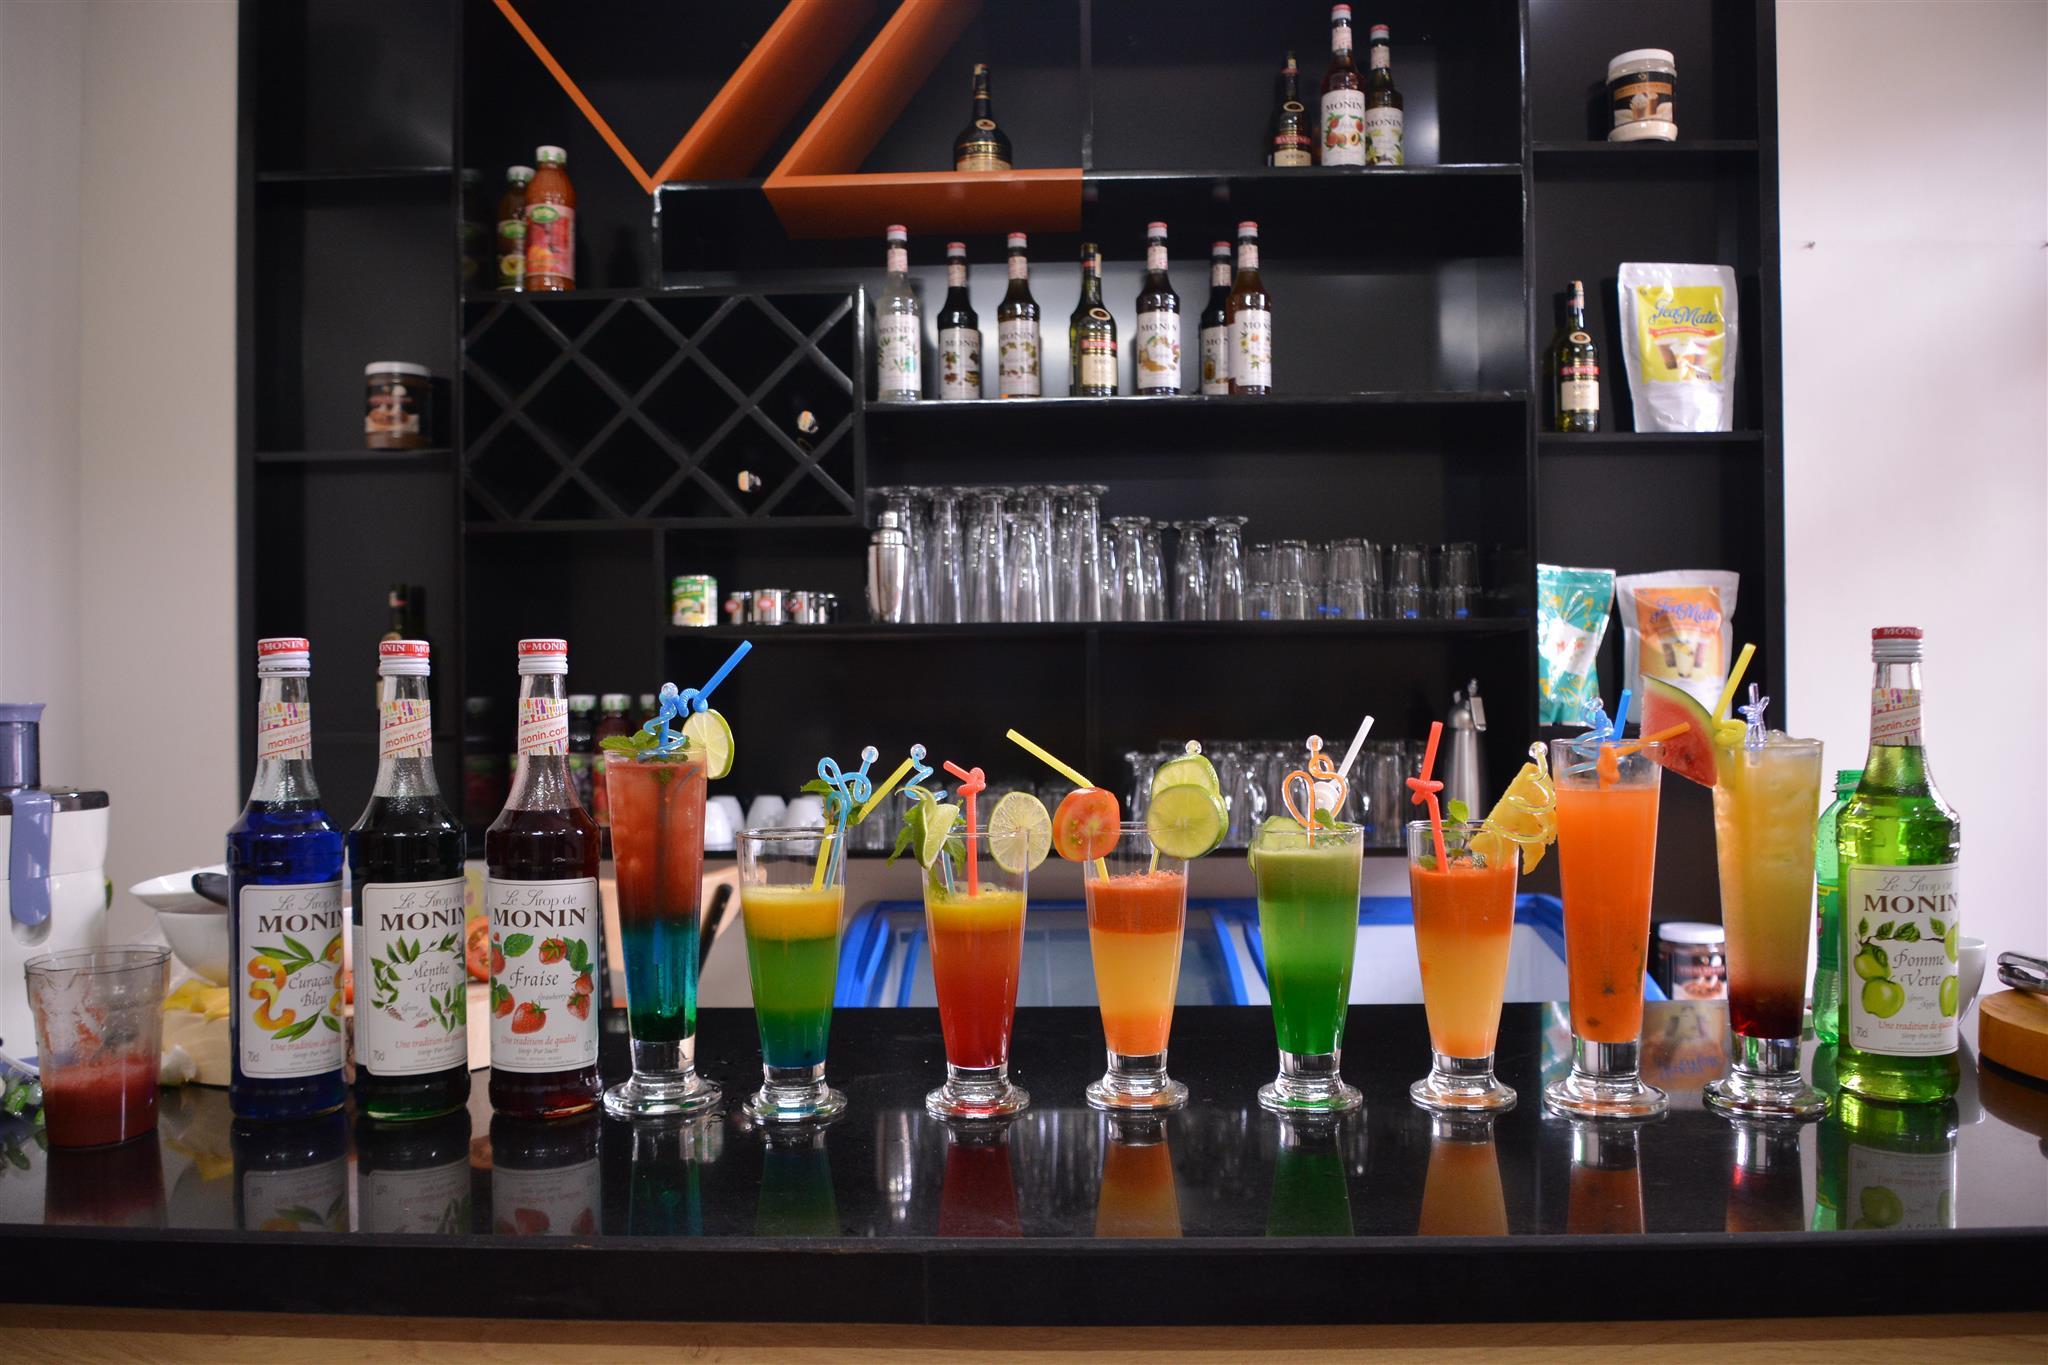 Kinh nghiệm kinh doanh đồ uống